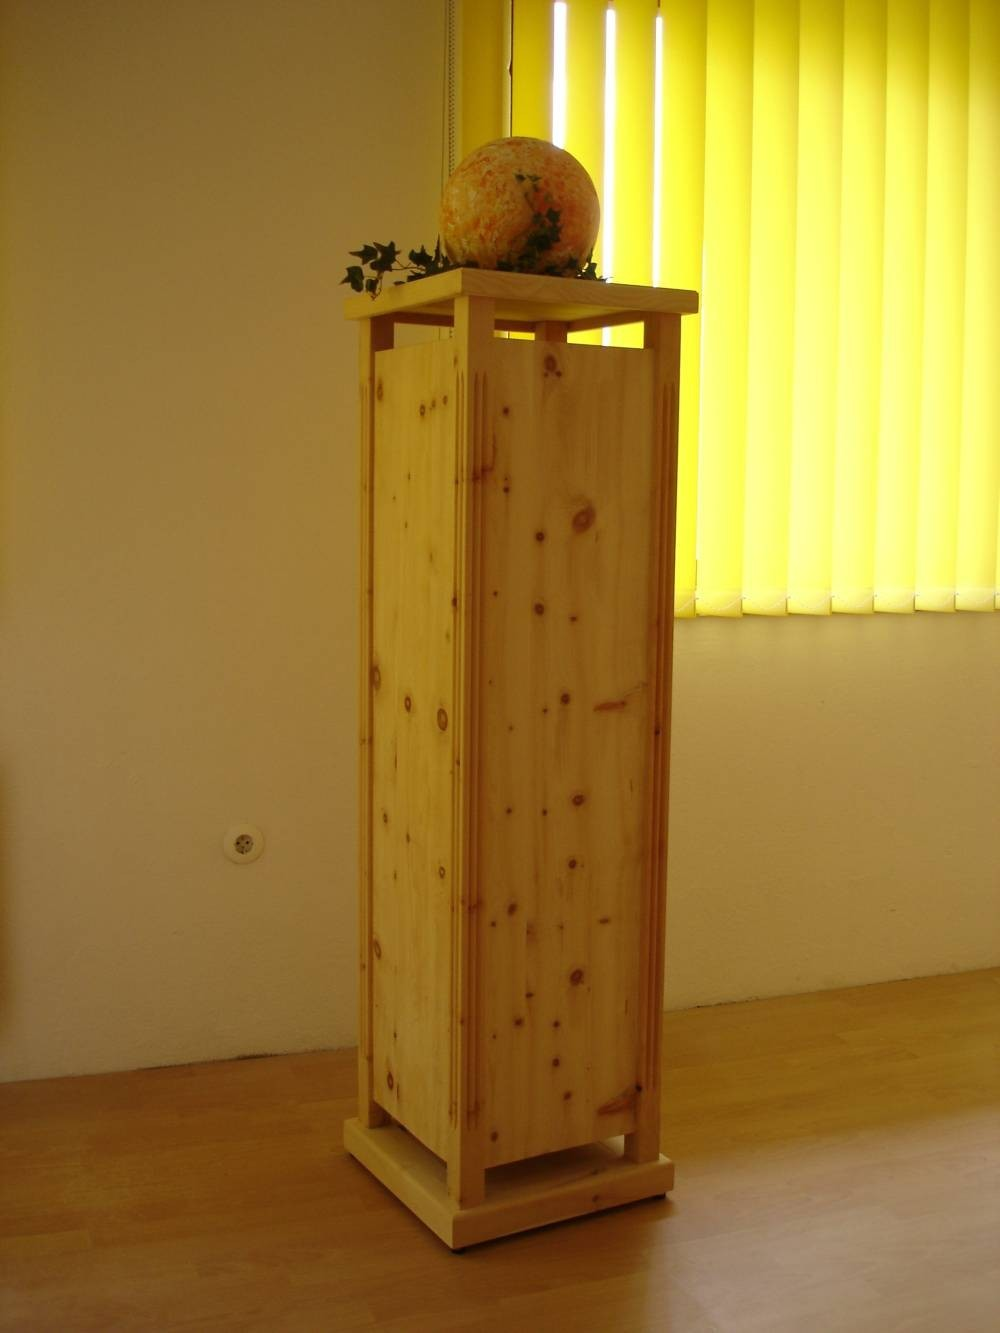 Brotdose Aus Zirbenholz Das Original Aus Krnten